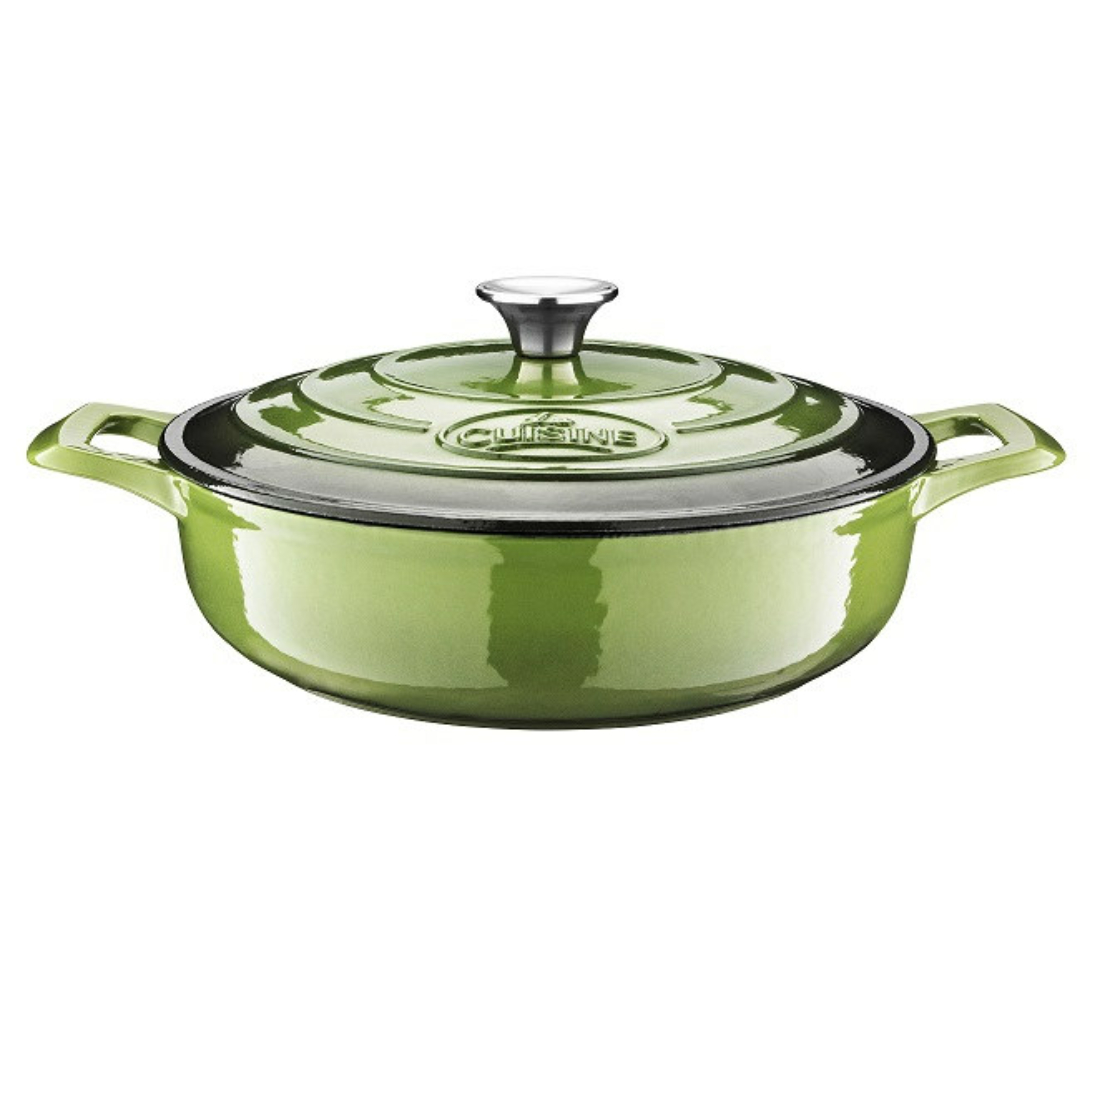 La Cuisine Green öntöttvas kerek sütőtál 28cm